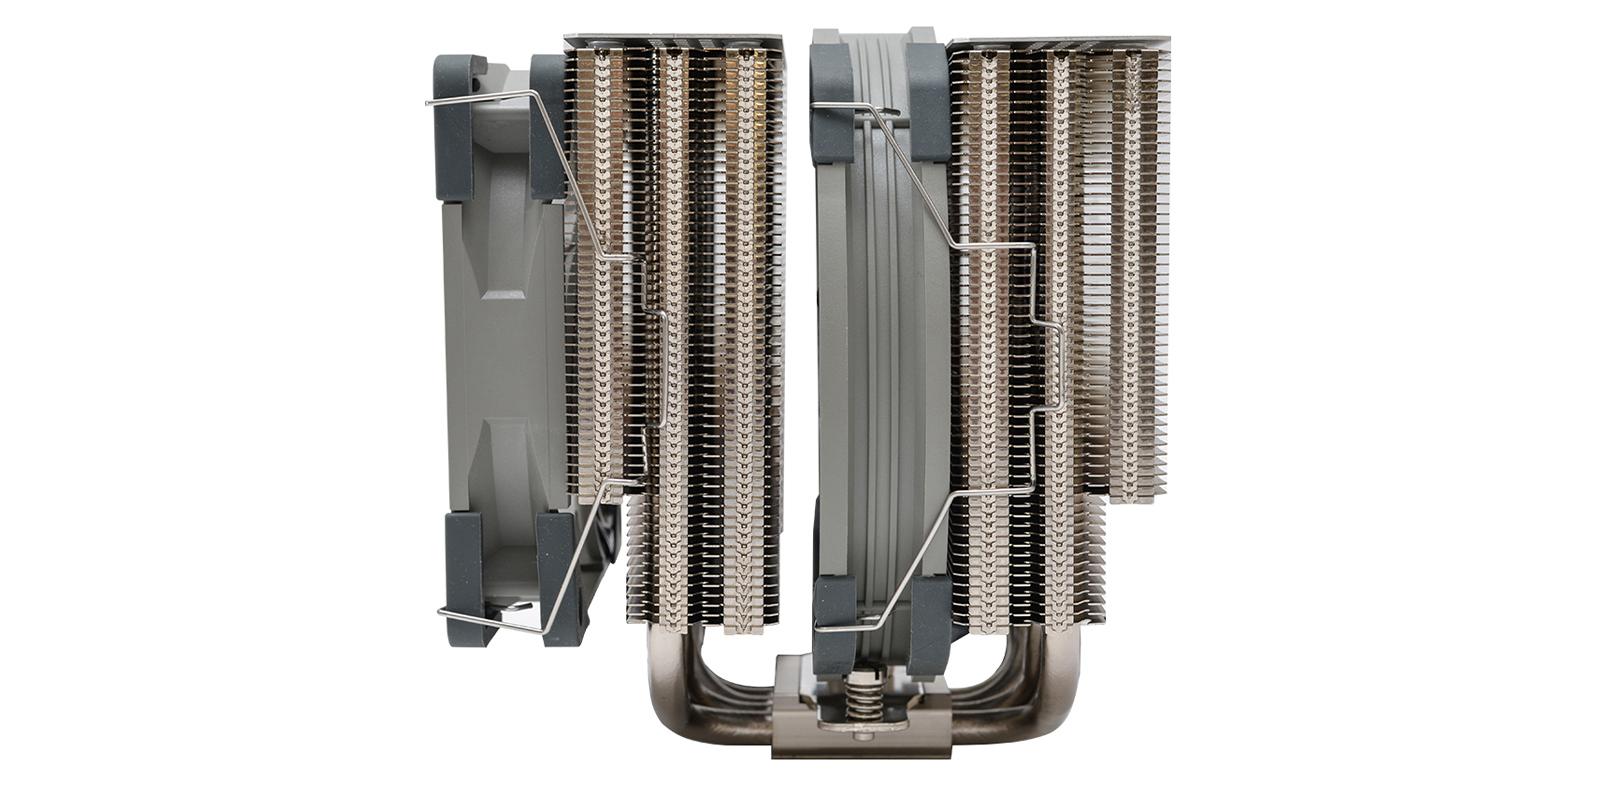 Tản nhiệt khí Thermalright Frost Spirit 140 - Dual fan Extreme Performance CPU Cooler hỗ trợ đầy đủ các Socket phổ thông có trên thị trường